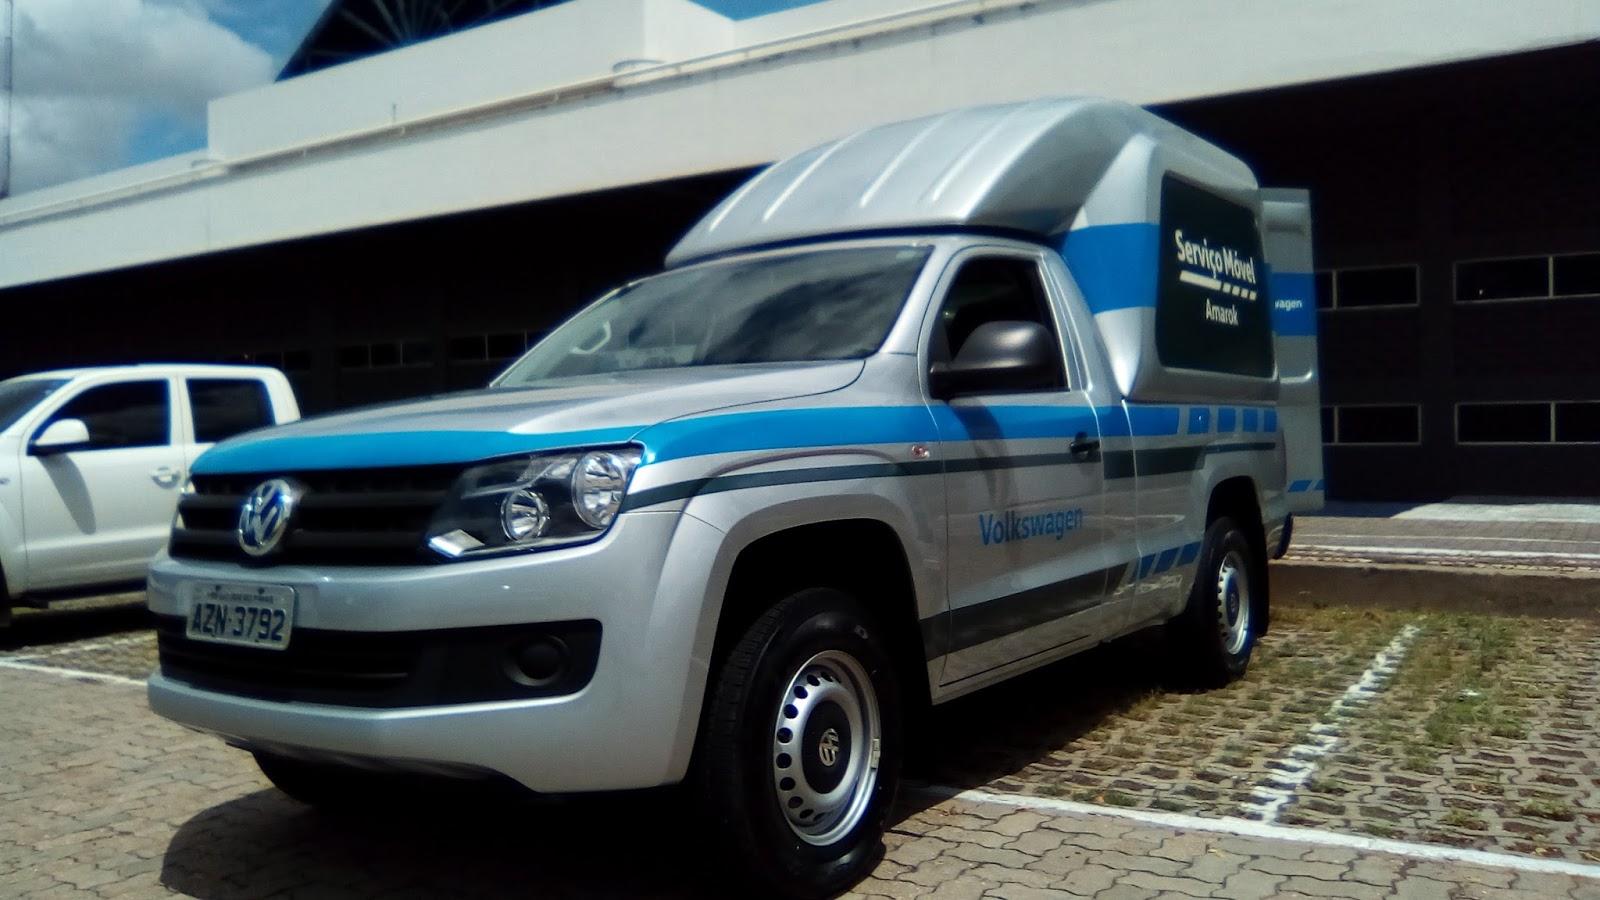 Volkswagen Amarok Serviço Móvel: excelência em serviços onde o cliente estiver